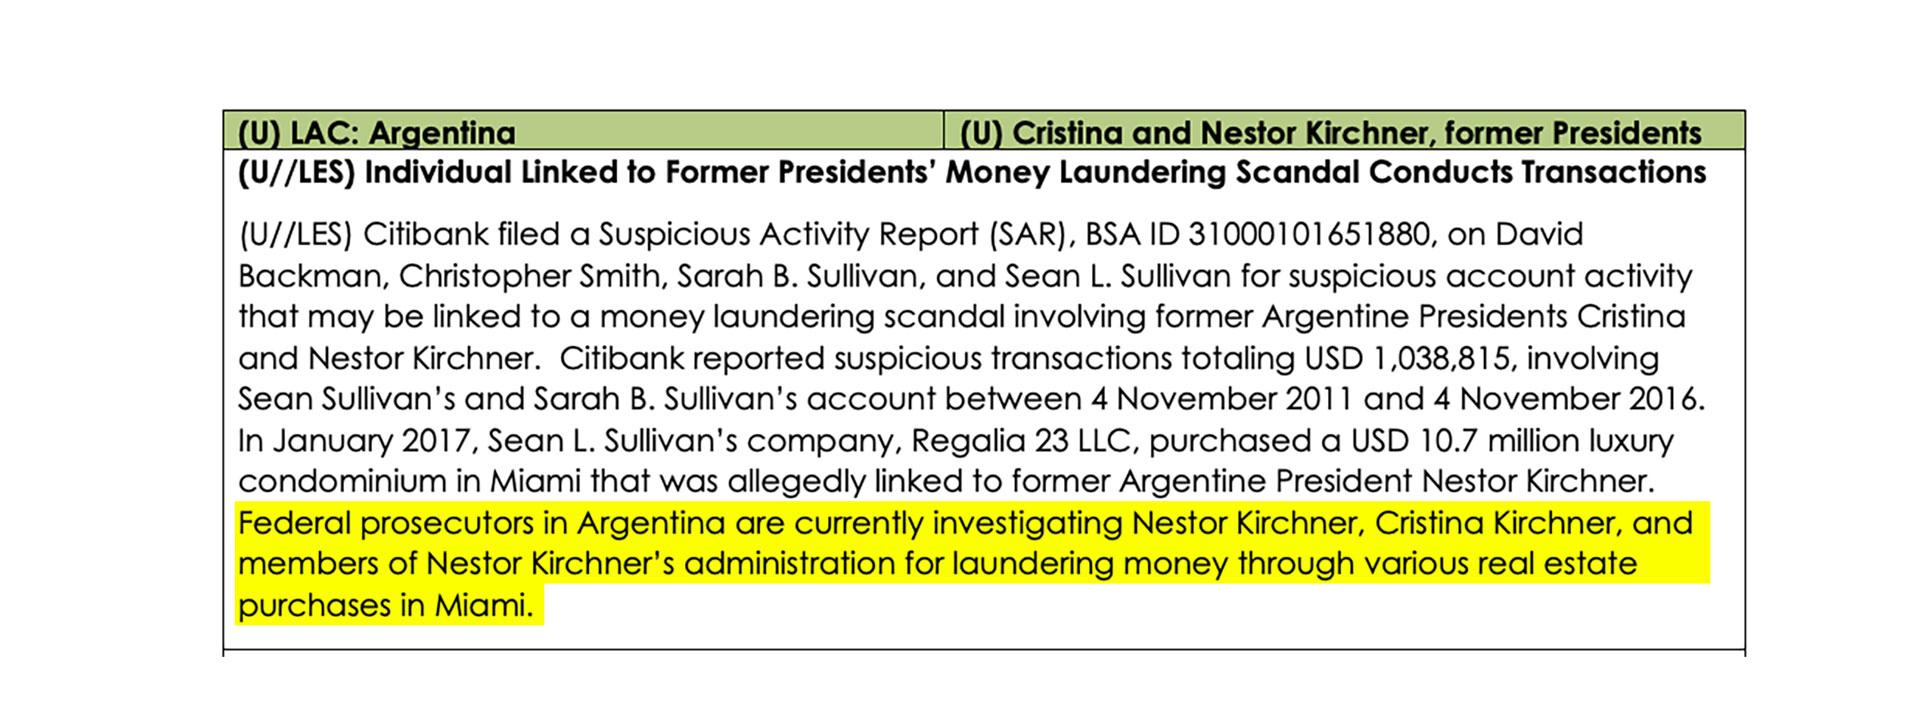 El documento secreto de la FinCen que vincula a Sullivan con la investigación por posible lavado de dinero en el gobierno de Néstor y Cristina Kirchner.